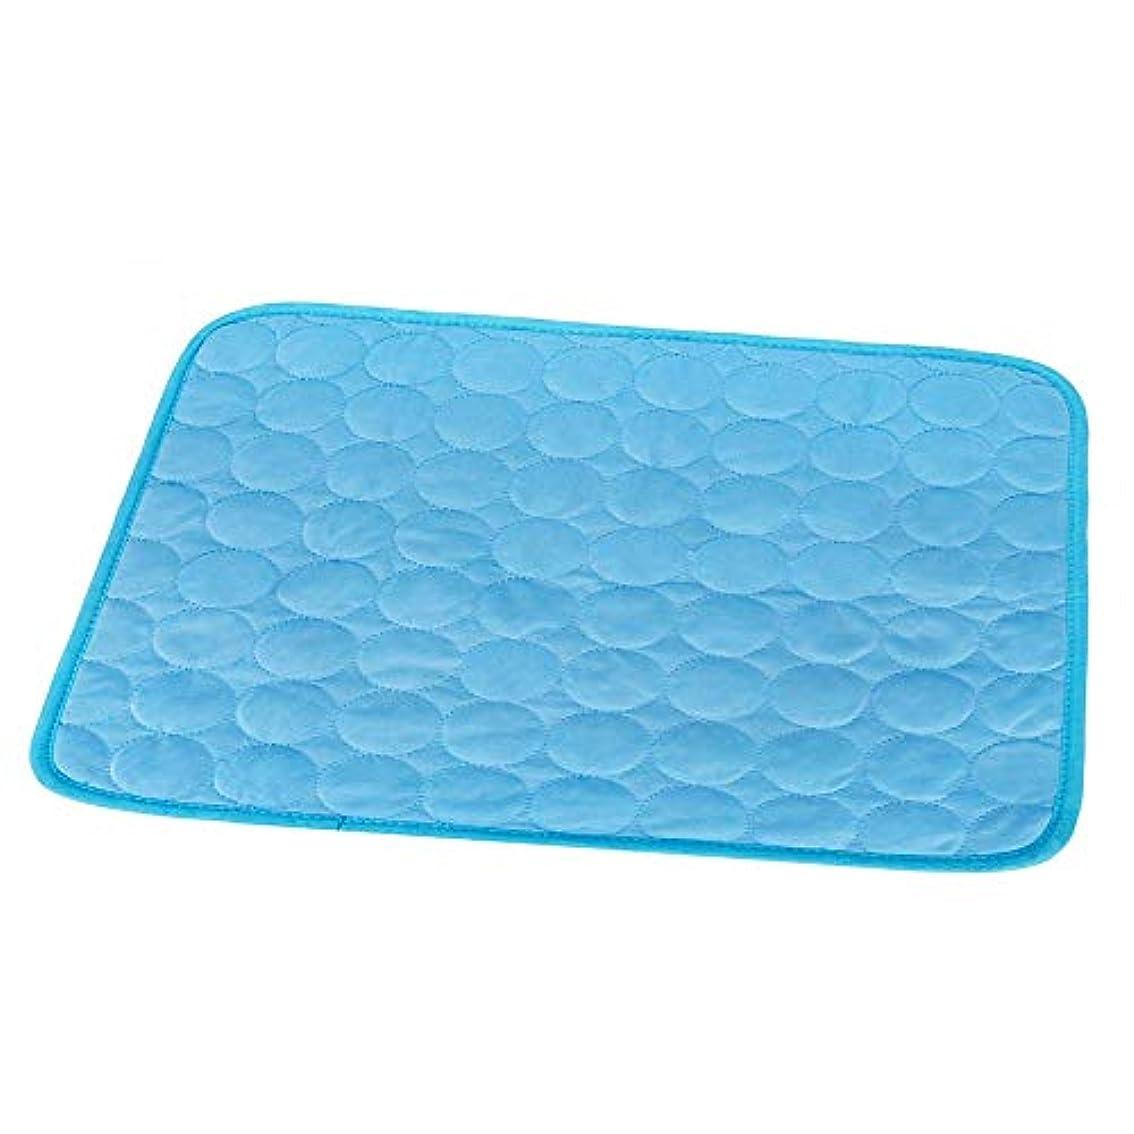 聞く包括的ビームクールマット ひんやりマット ひんやり枕 冷感敷きパッド タオル地 通気性が良い 接触冷感 涼感冷感クッション